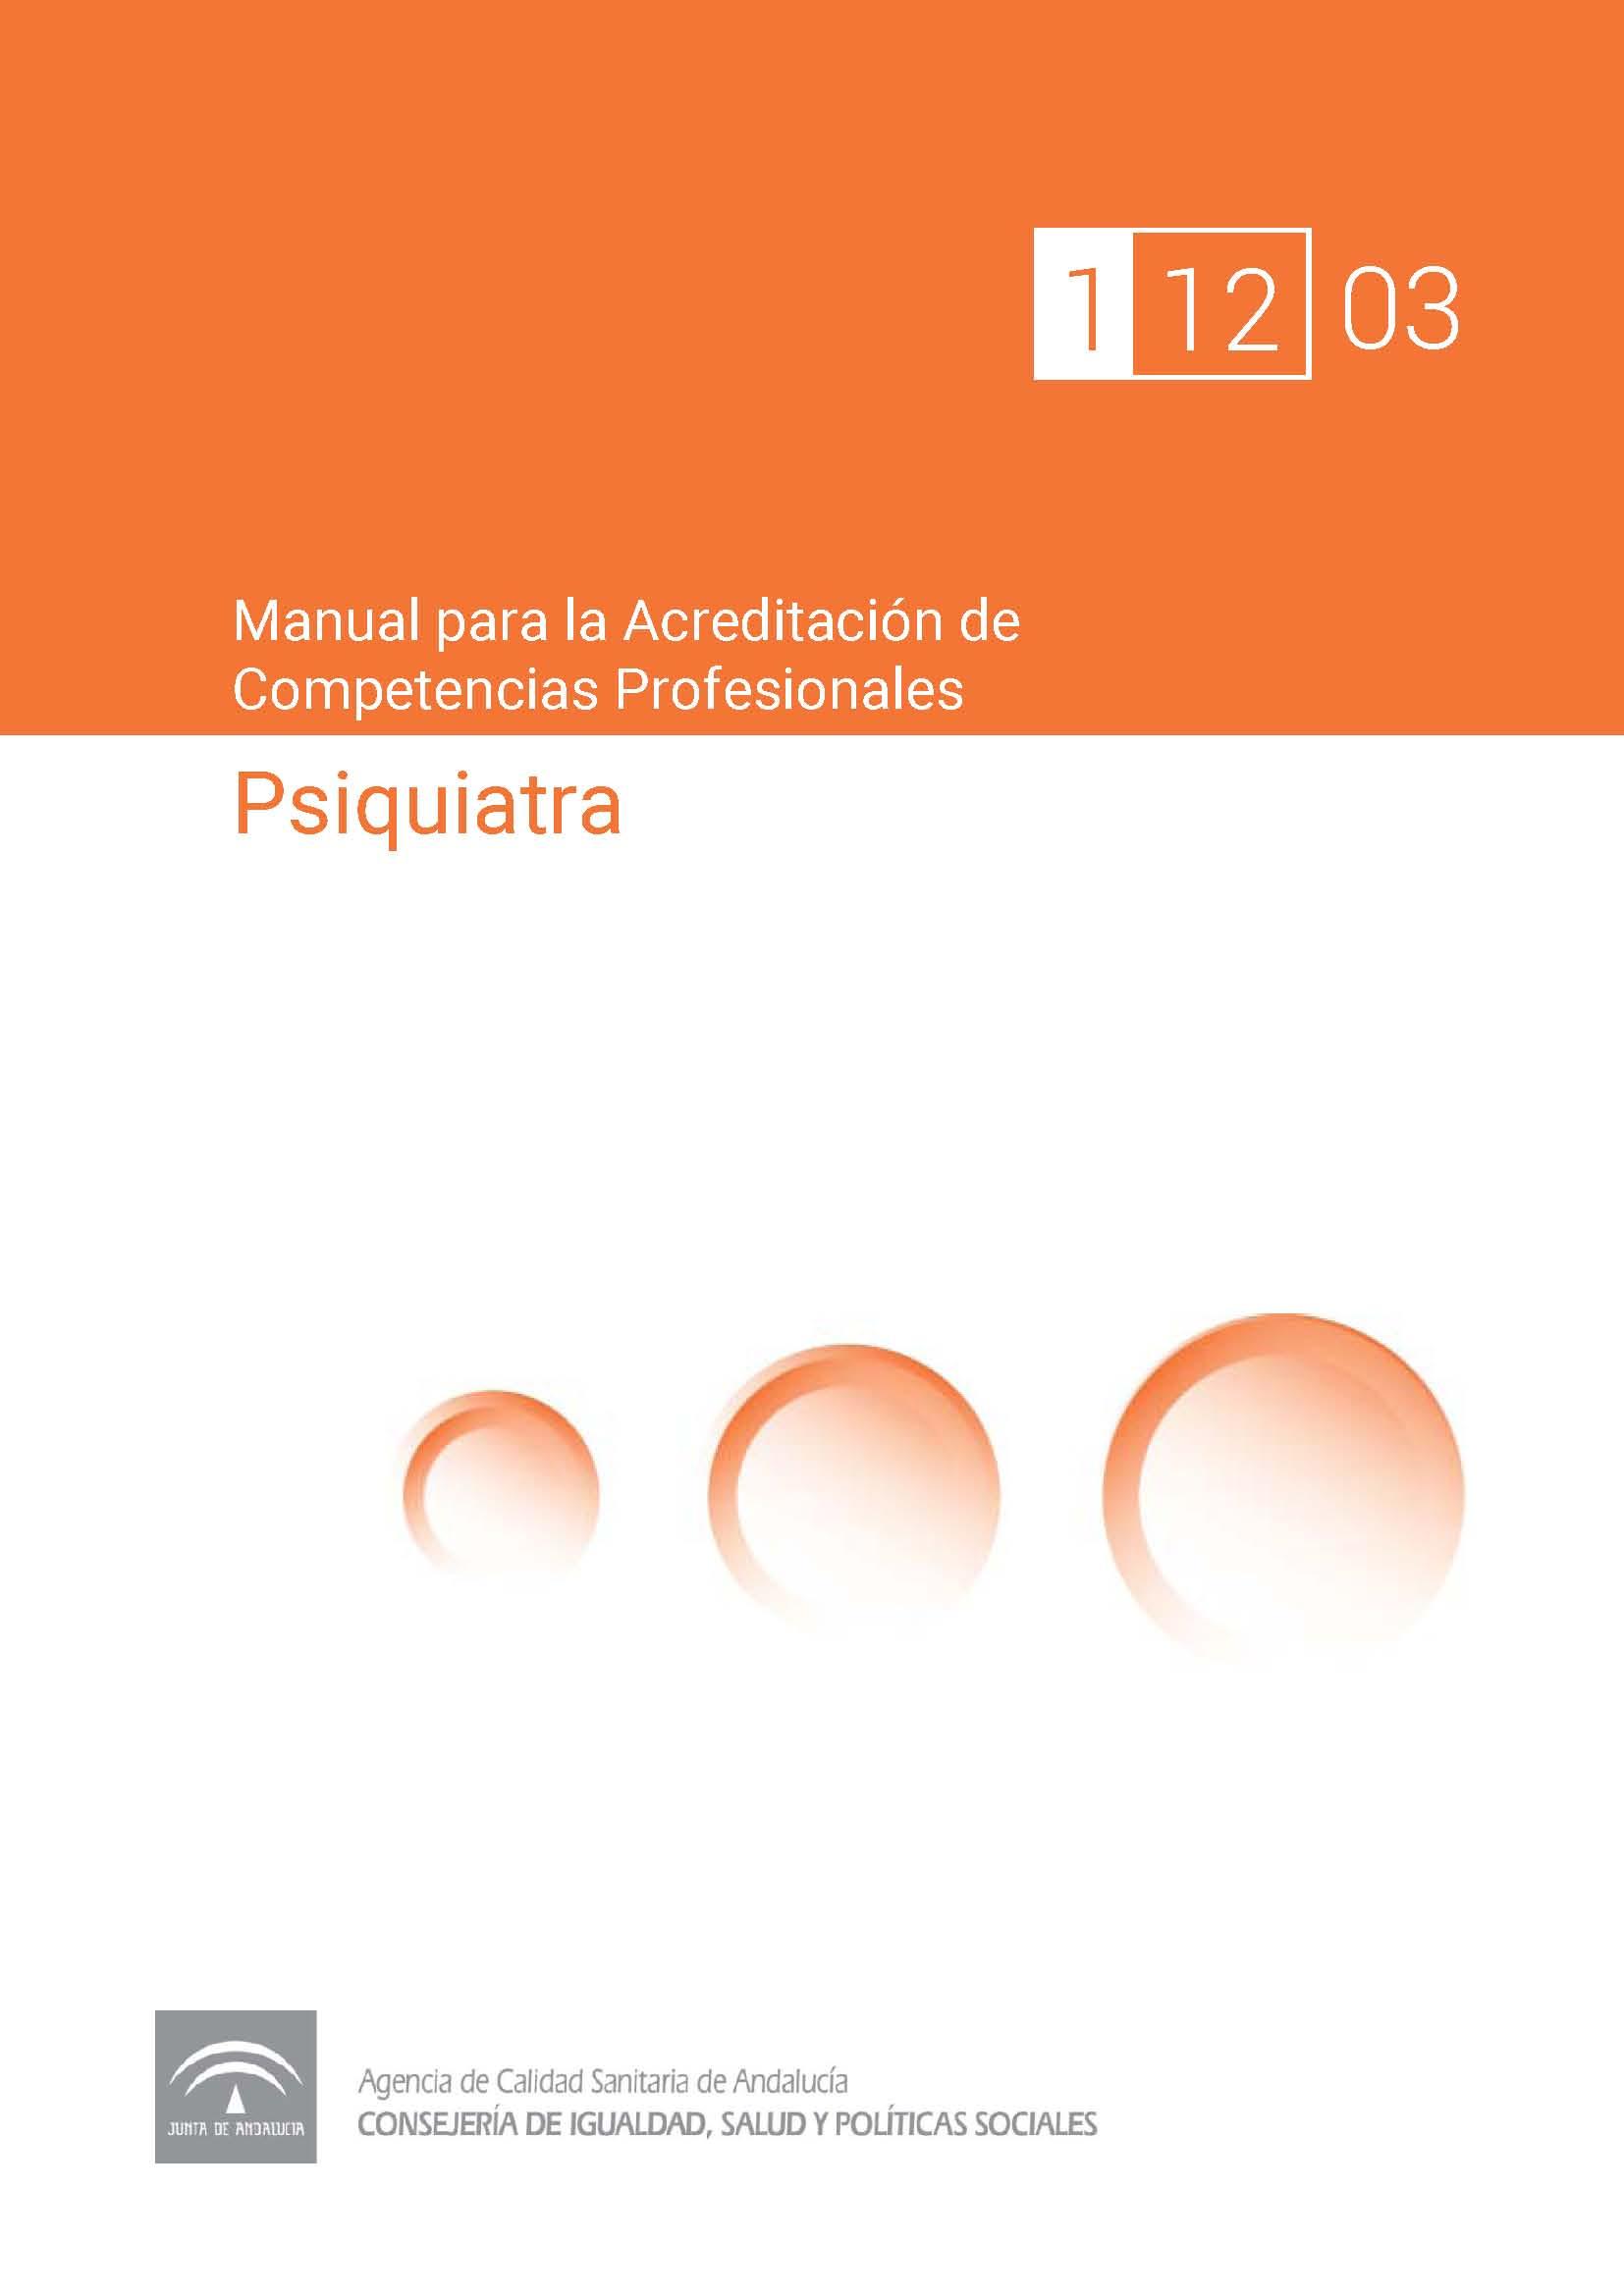 Manual de competencias profesionales del/de la Psiquiatra